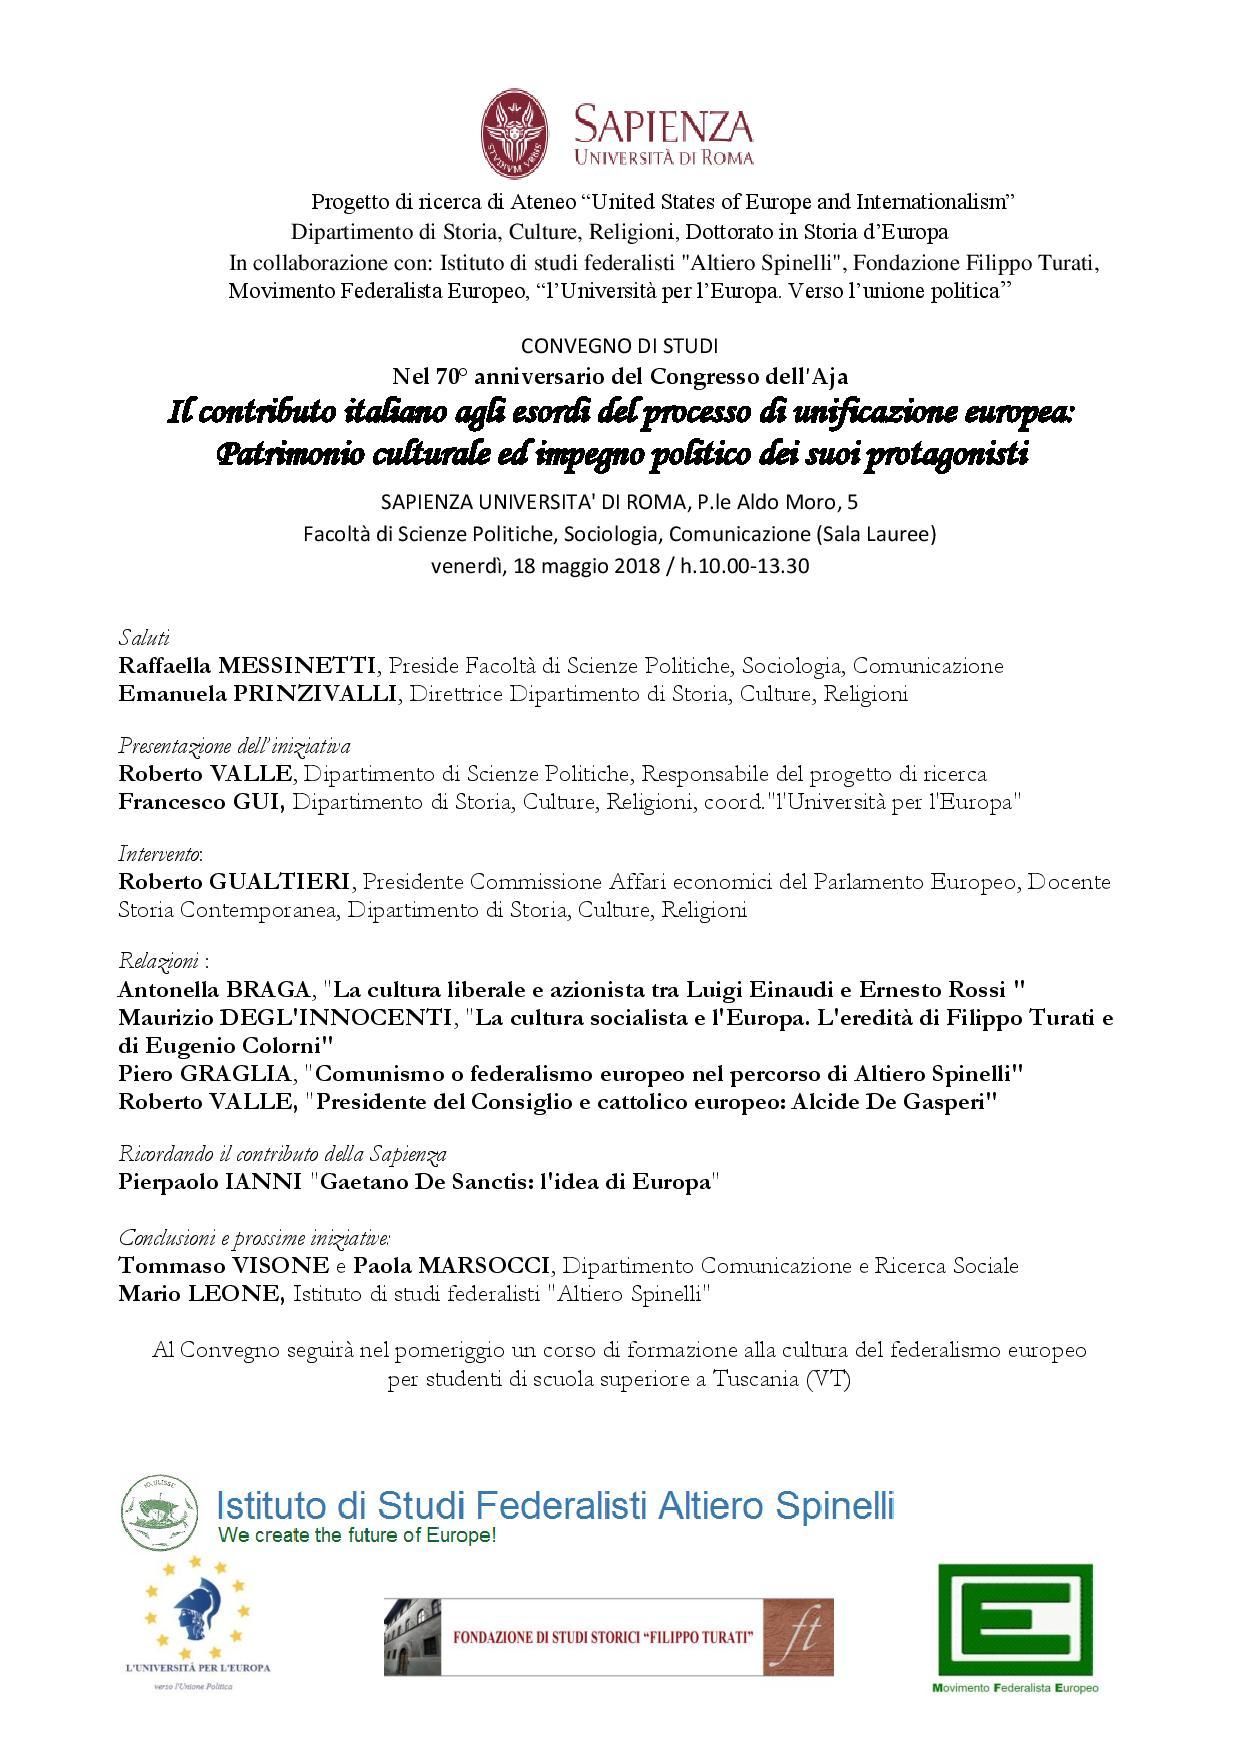 convegno-18-maggio-programma-page-001